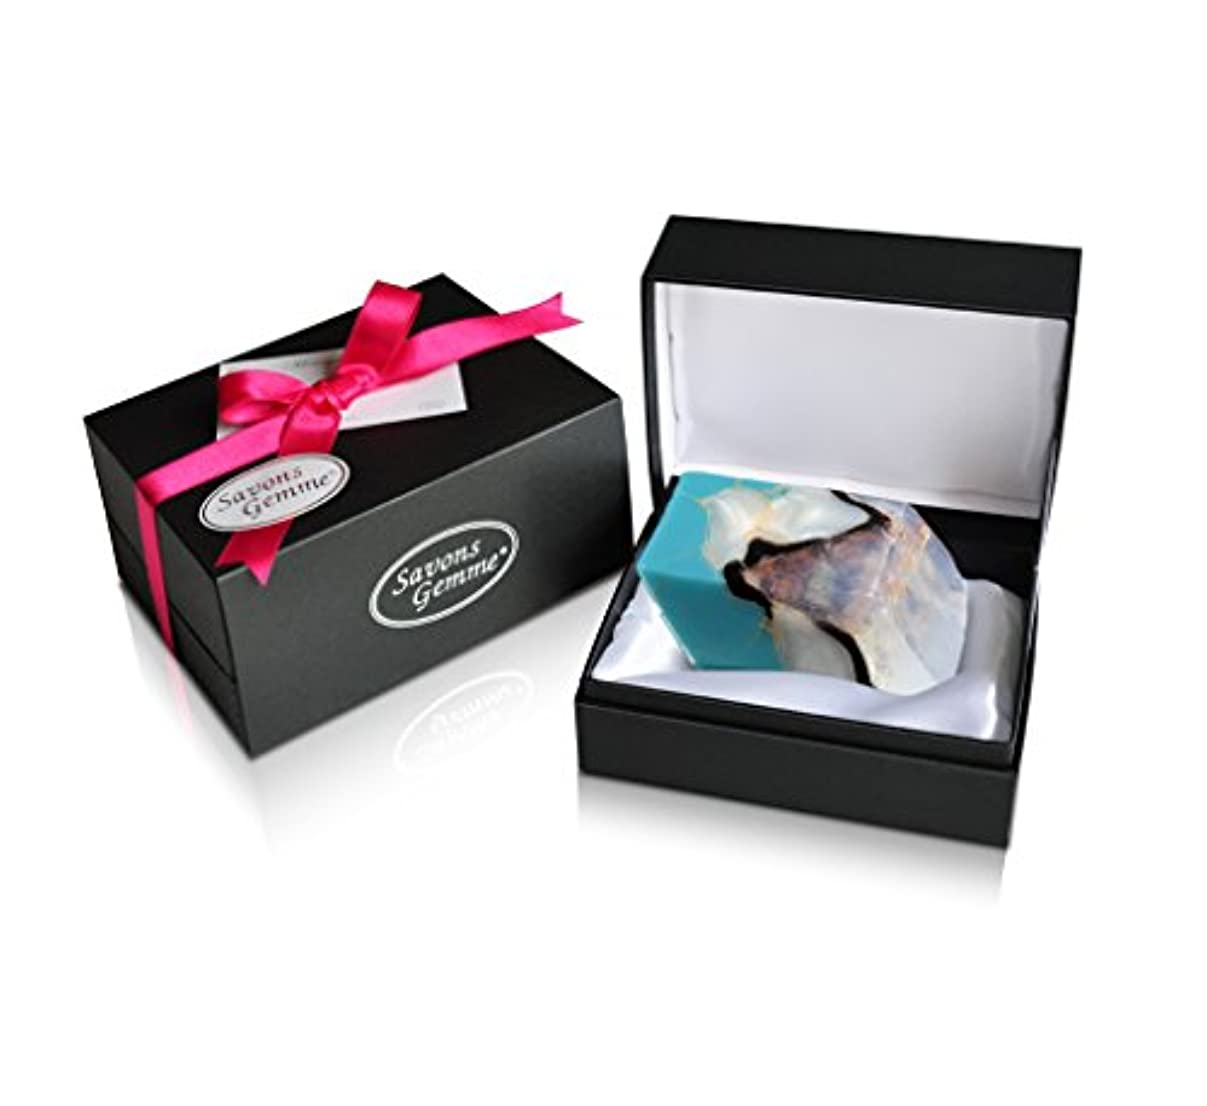 サーマル分離こねるSavons Gemme サボンジェム ジュエリーギフトボックス 世界で一番美しい宝石石鹸 フレグランス ソープ ターコイズ 170g